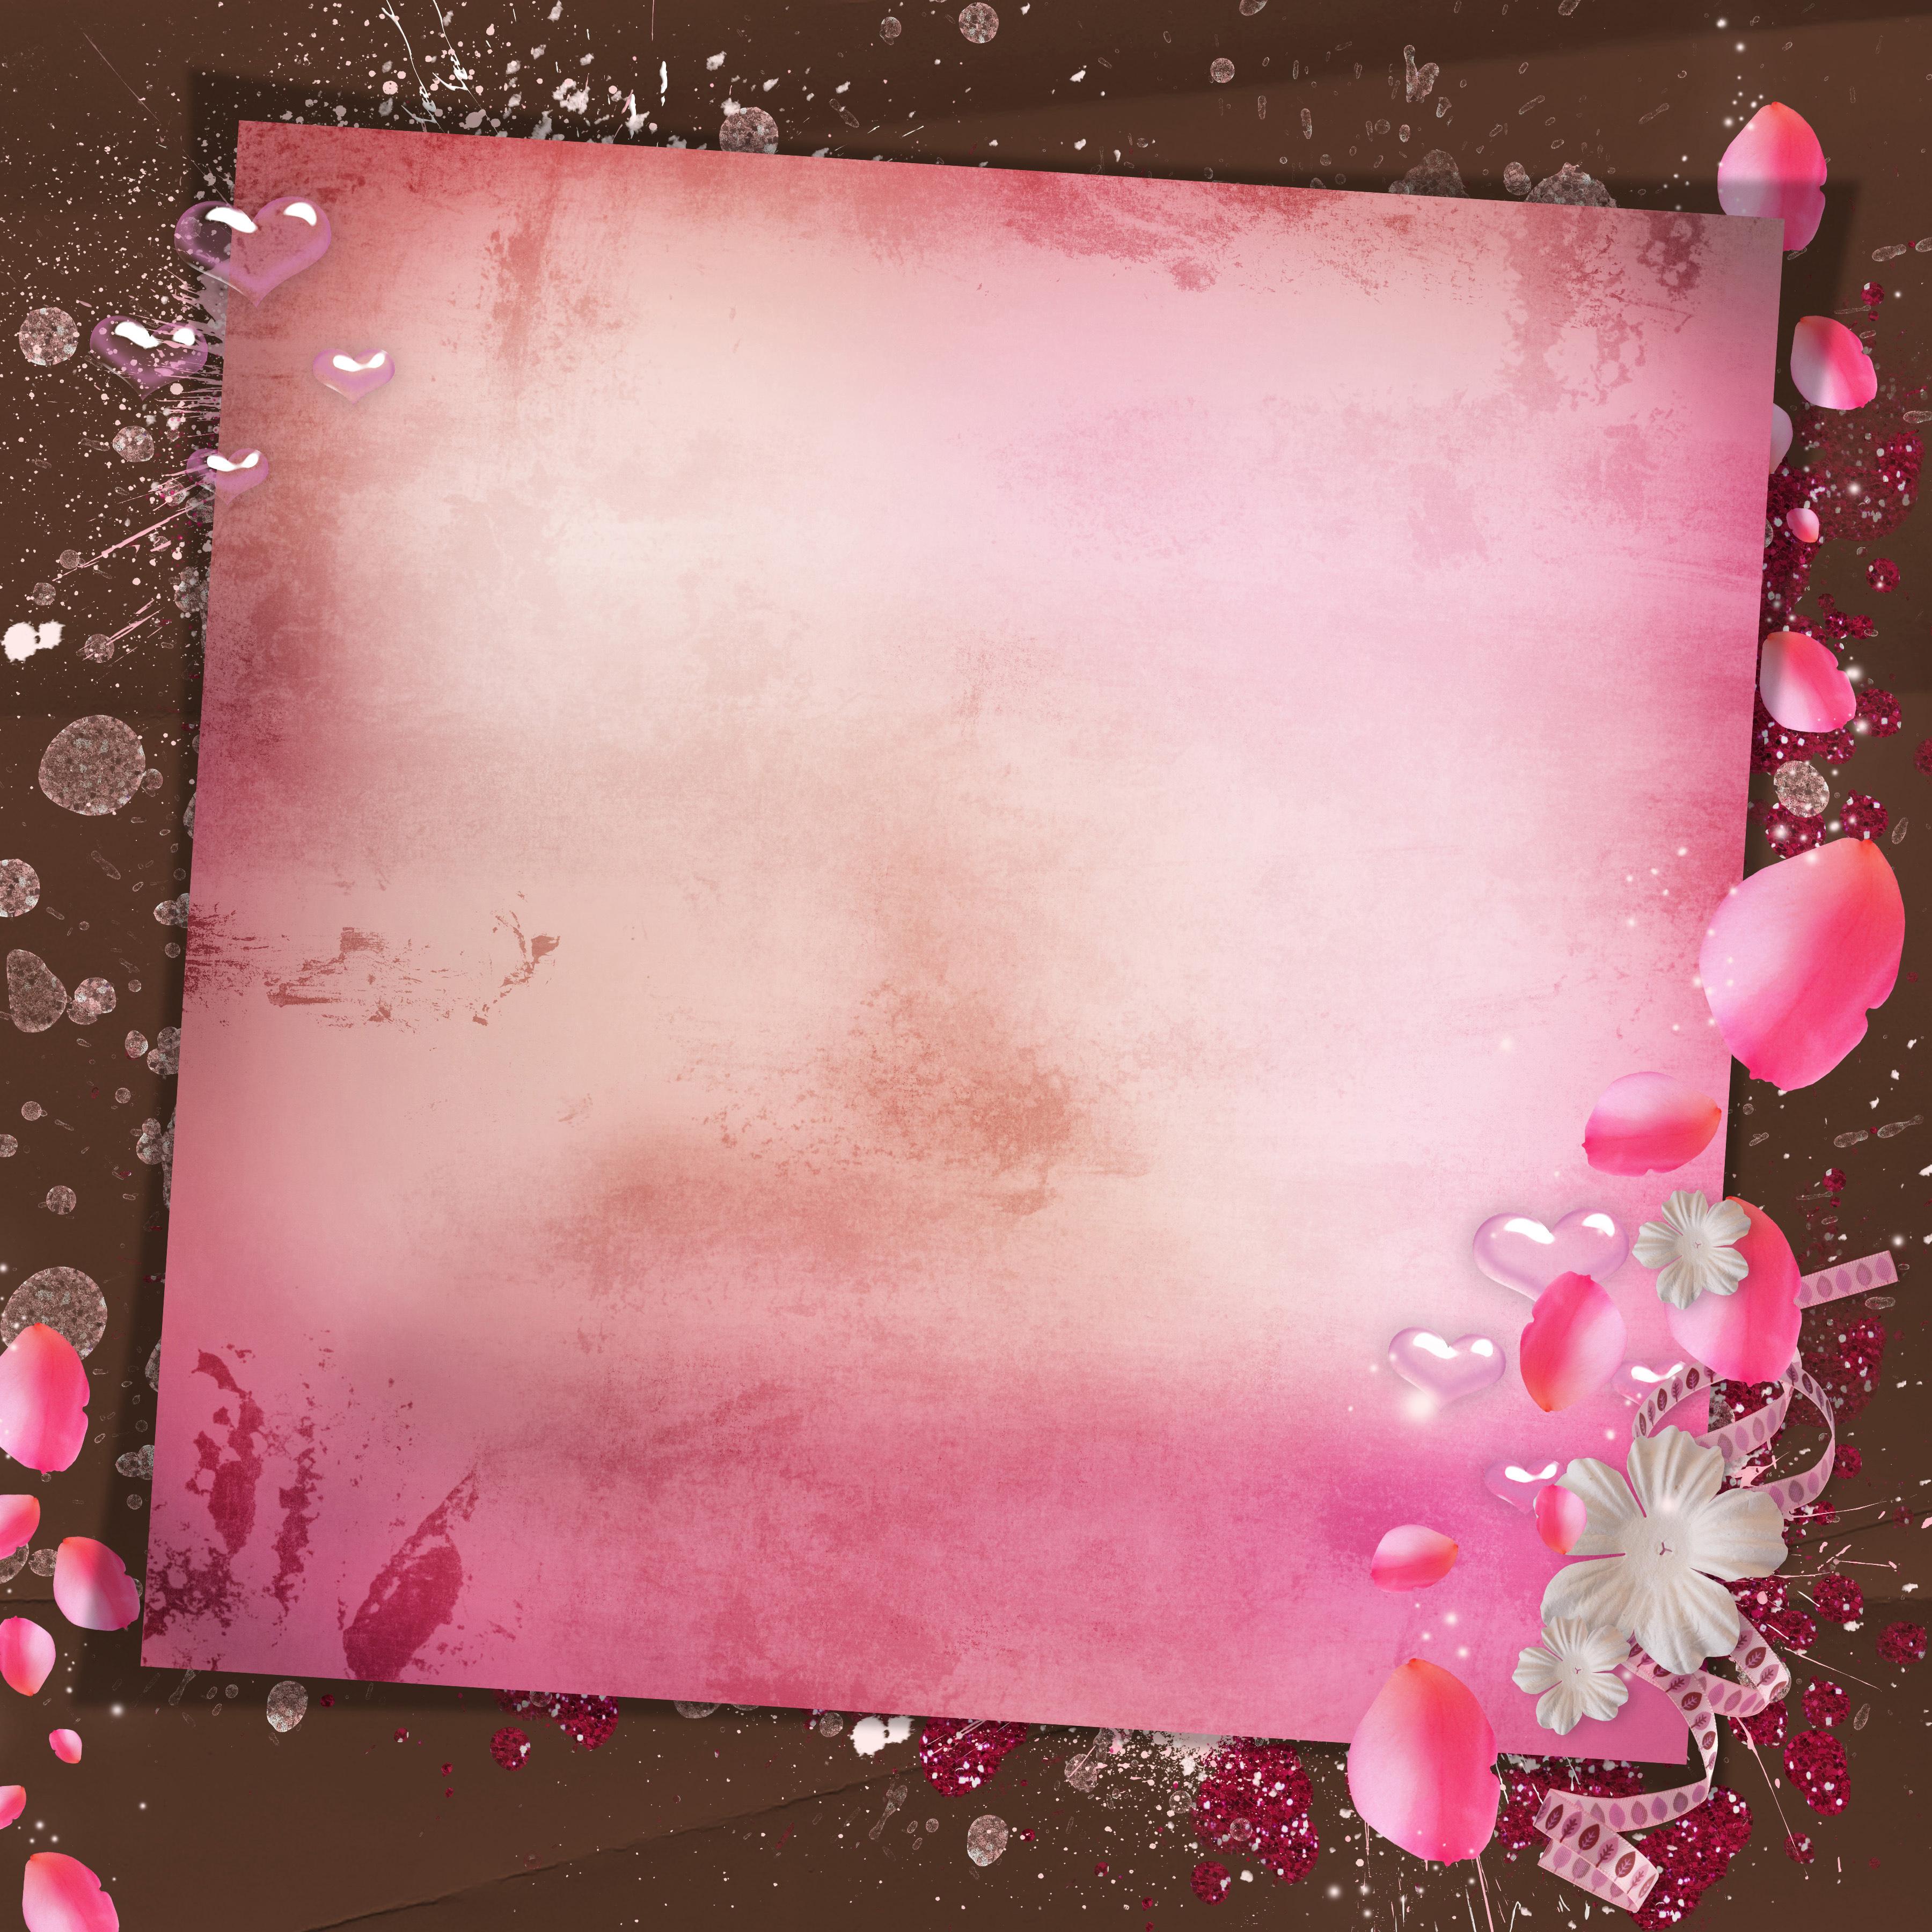 Нежно розовая картинка для фона